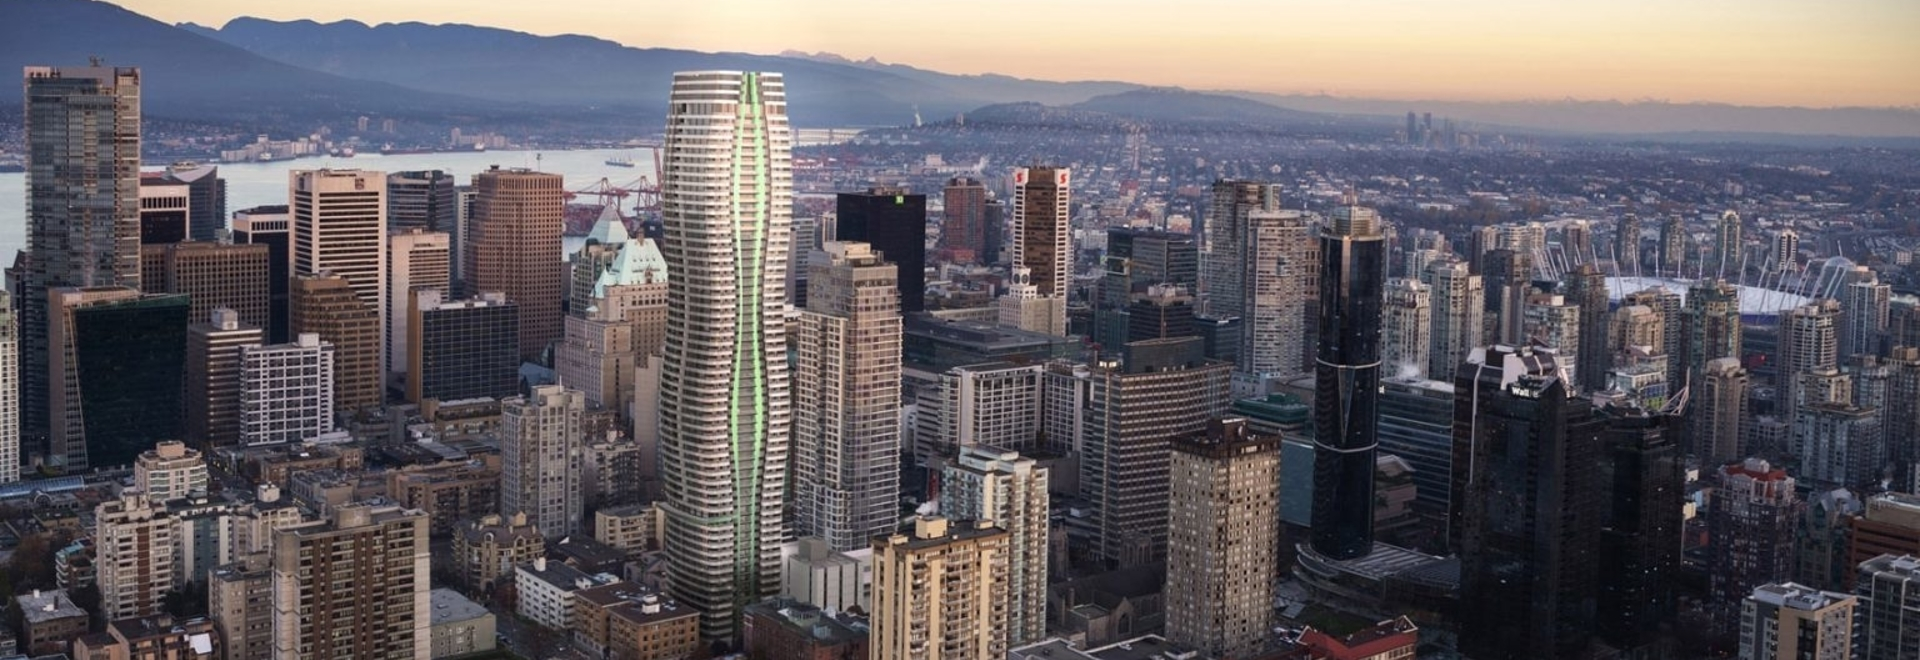 Der höchste Passivhaus-Baukasten der Welt soll in Kanada gebaut werden